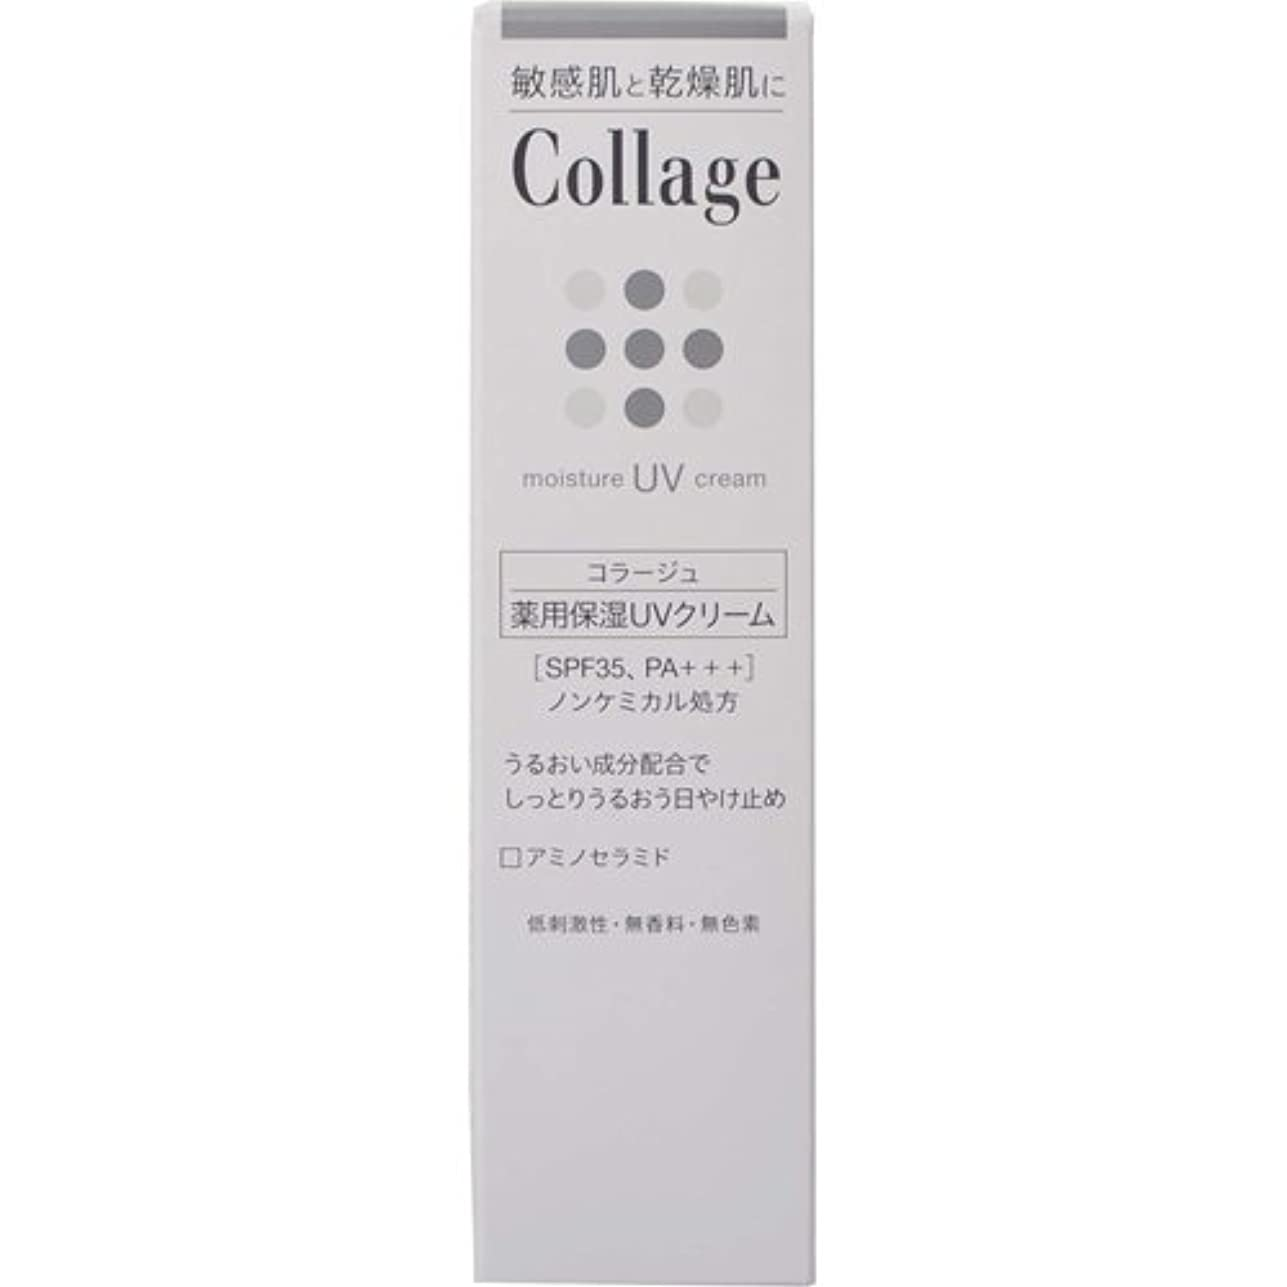 ソブリケットガロン特異なコラージュ 薬用保湿UVクリーム 30g 【医薬部外品】